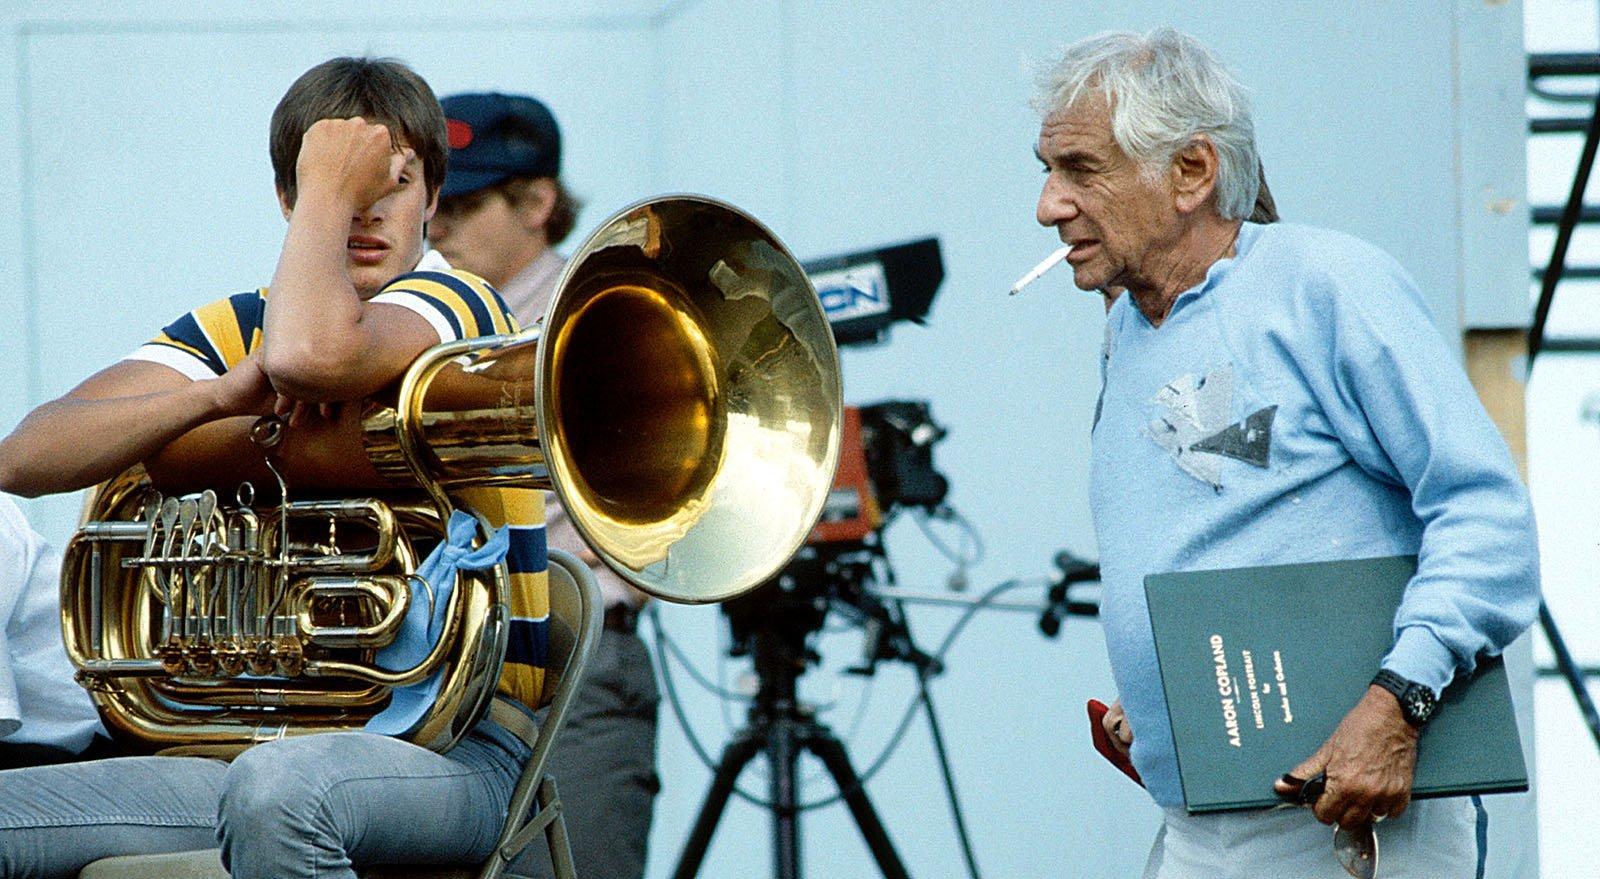 Leonard Bernstein en un assaig a Nova York. © Pamela Price. Zumapress.